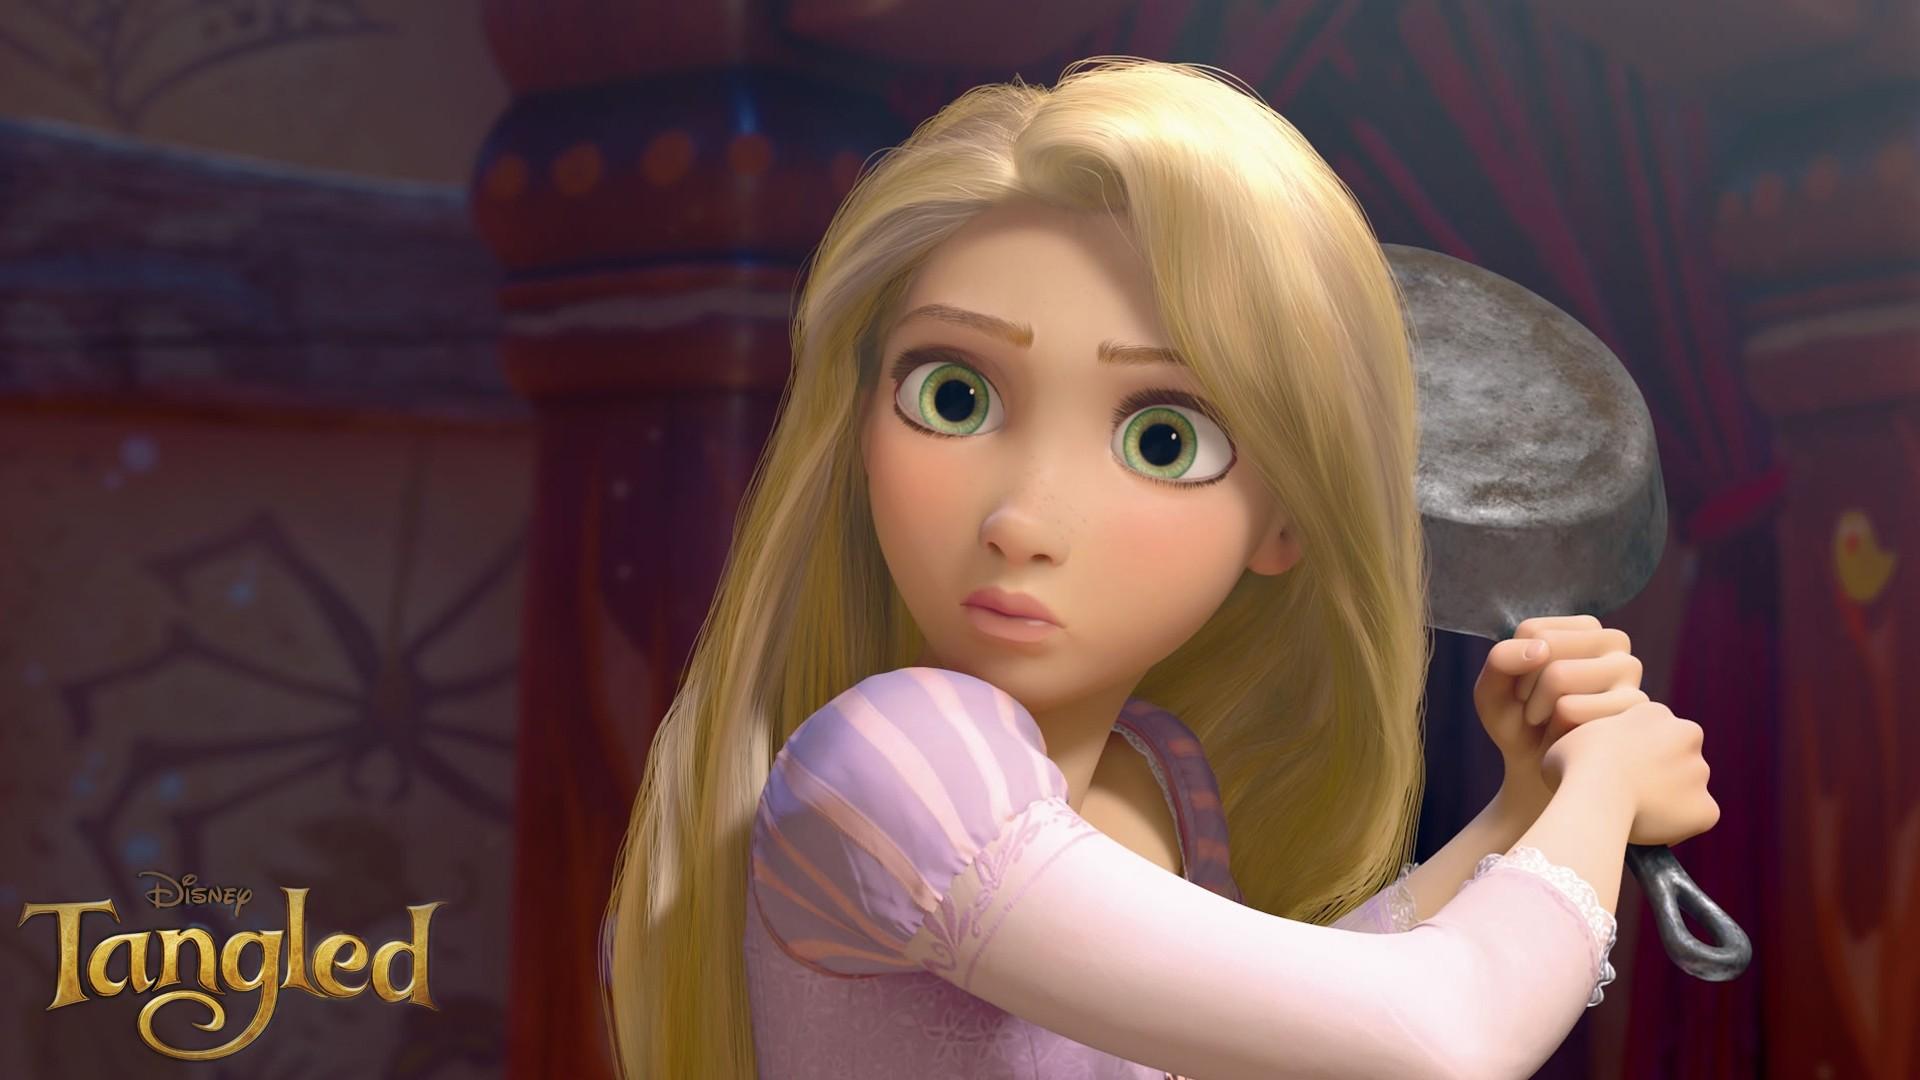 デスクトップ壁紙 ドレス おもちゃ アニメ映画 ディズニー 肌 人形 ラプンツェル もつれた 眼 ブロンド 甘味 19x1080 Anmar デスクトップ壁紙 Wallhere